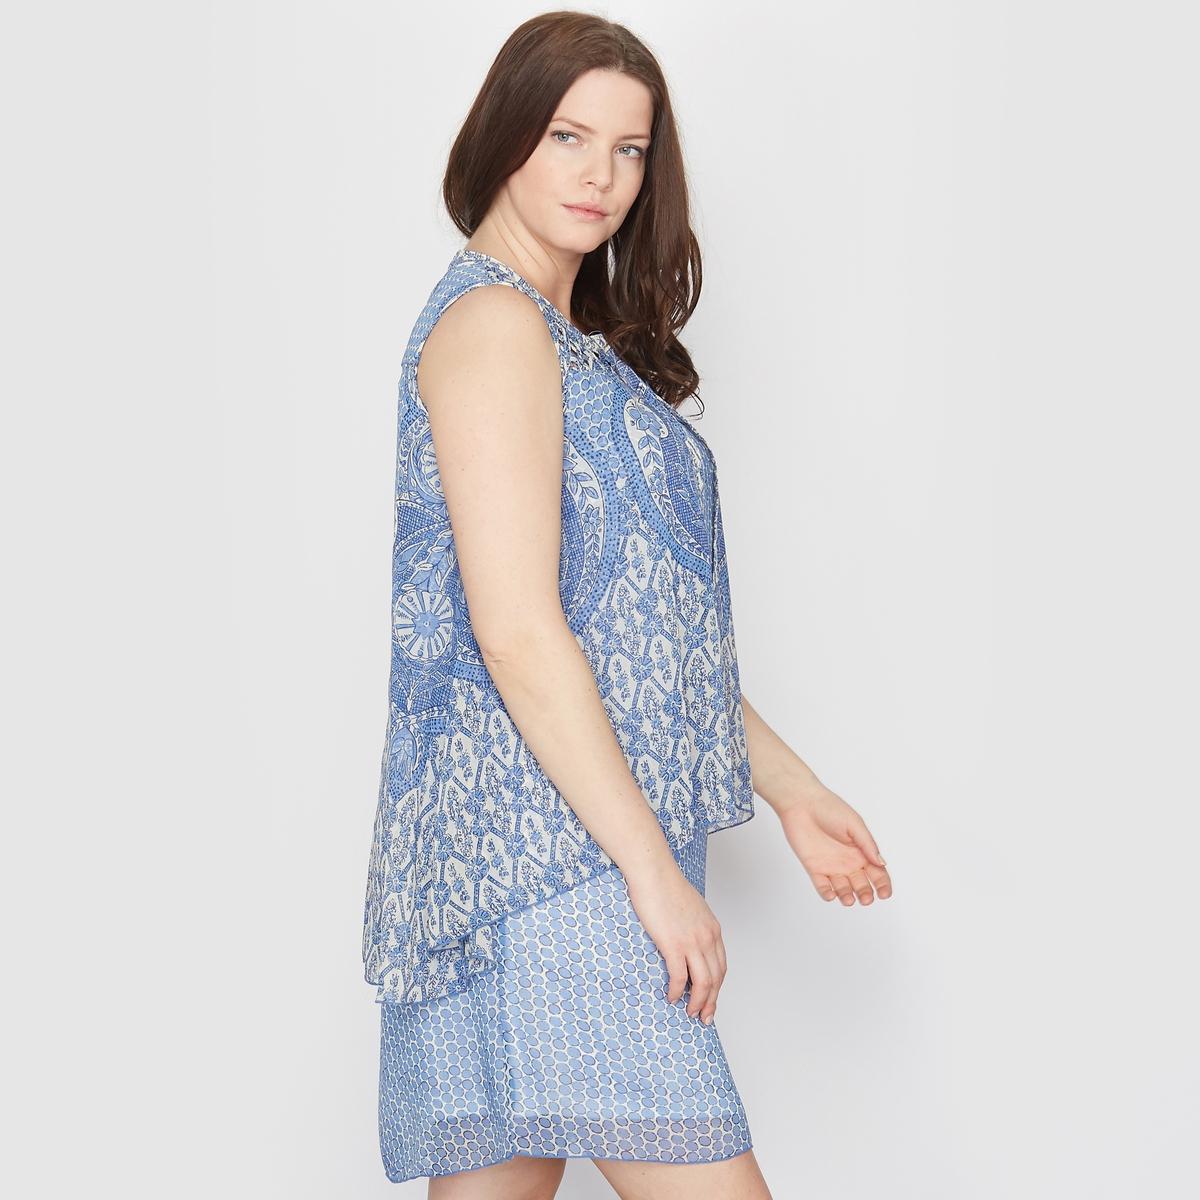 Платье из набивной ткани с рисунком пейслиПлатье. Имитация 2 в 1: верхняя деталь выполнена из вуали с разрезом спереди. Закругленный вырез. Без рукавов. Из вуали, 100% полиэстера, перед и спинка на подкладке из 100% полиэстера. Длина 92 см .<br><br>Цвет: наб. рисунок синий<br>Размер: 52 (FR) - 58 (RUS).54 (FR) - 60 (RUS)